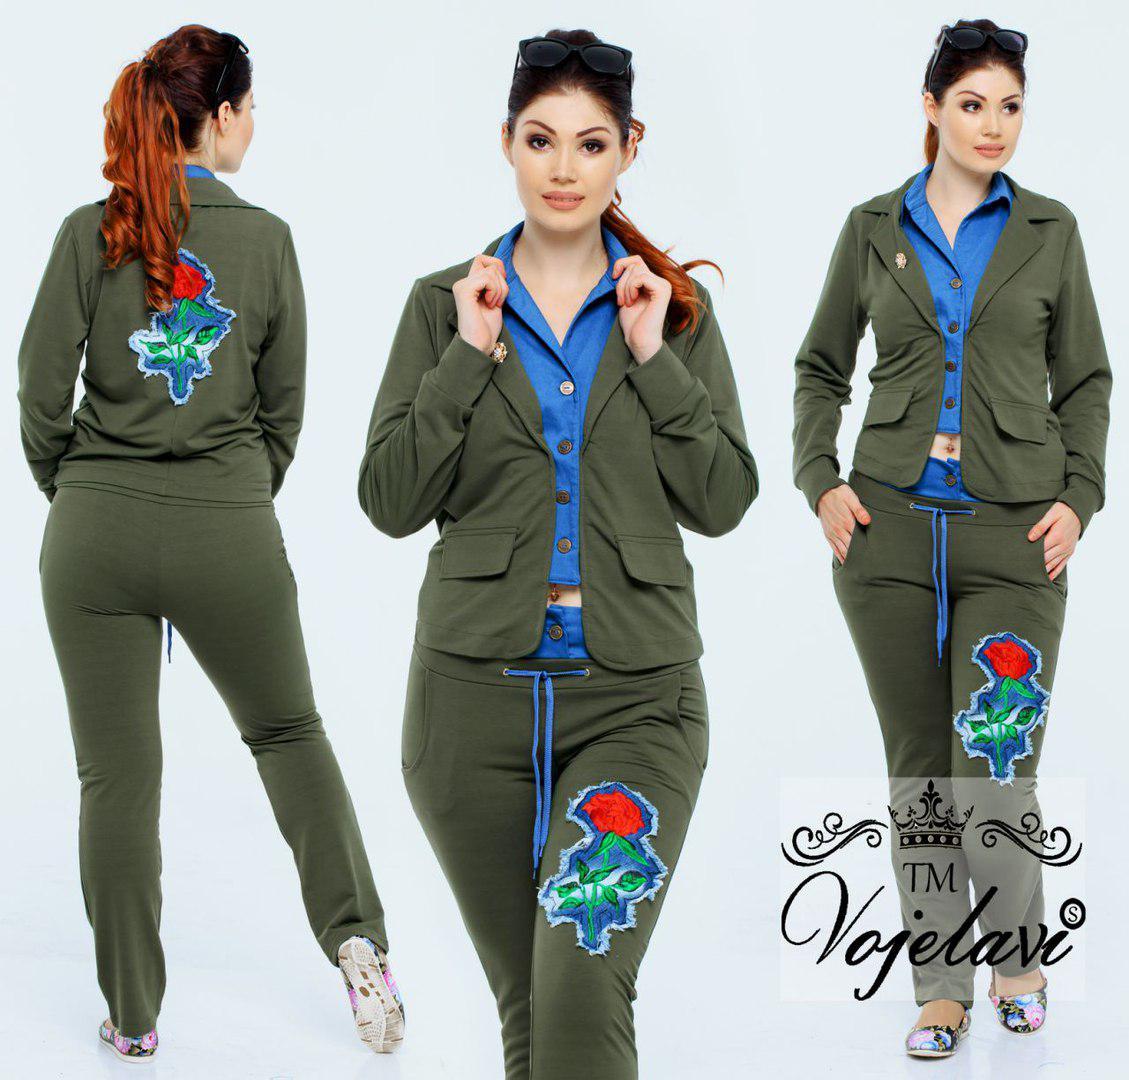 59081263 Женский стильный костюм с оригинальной нашивкой т.м. Vojelavi A1070 ...